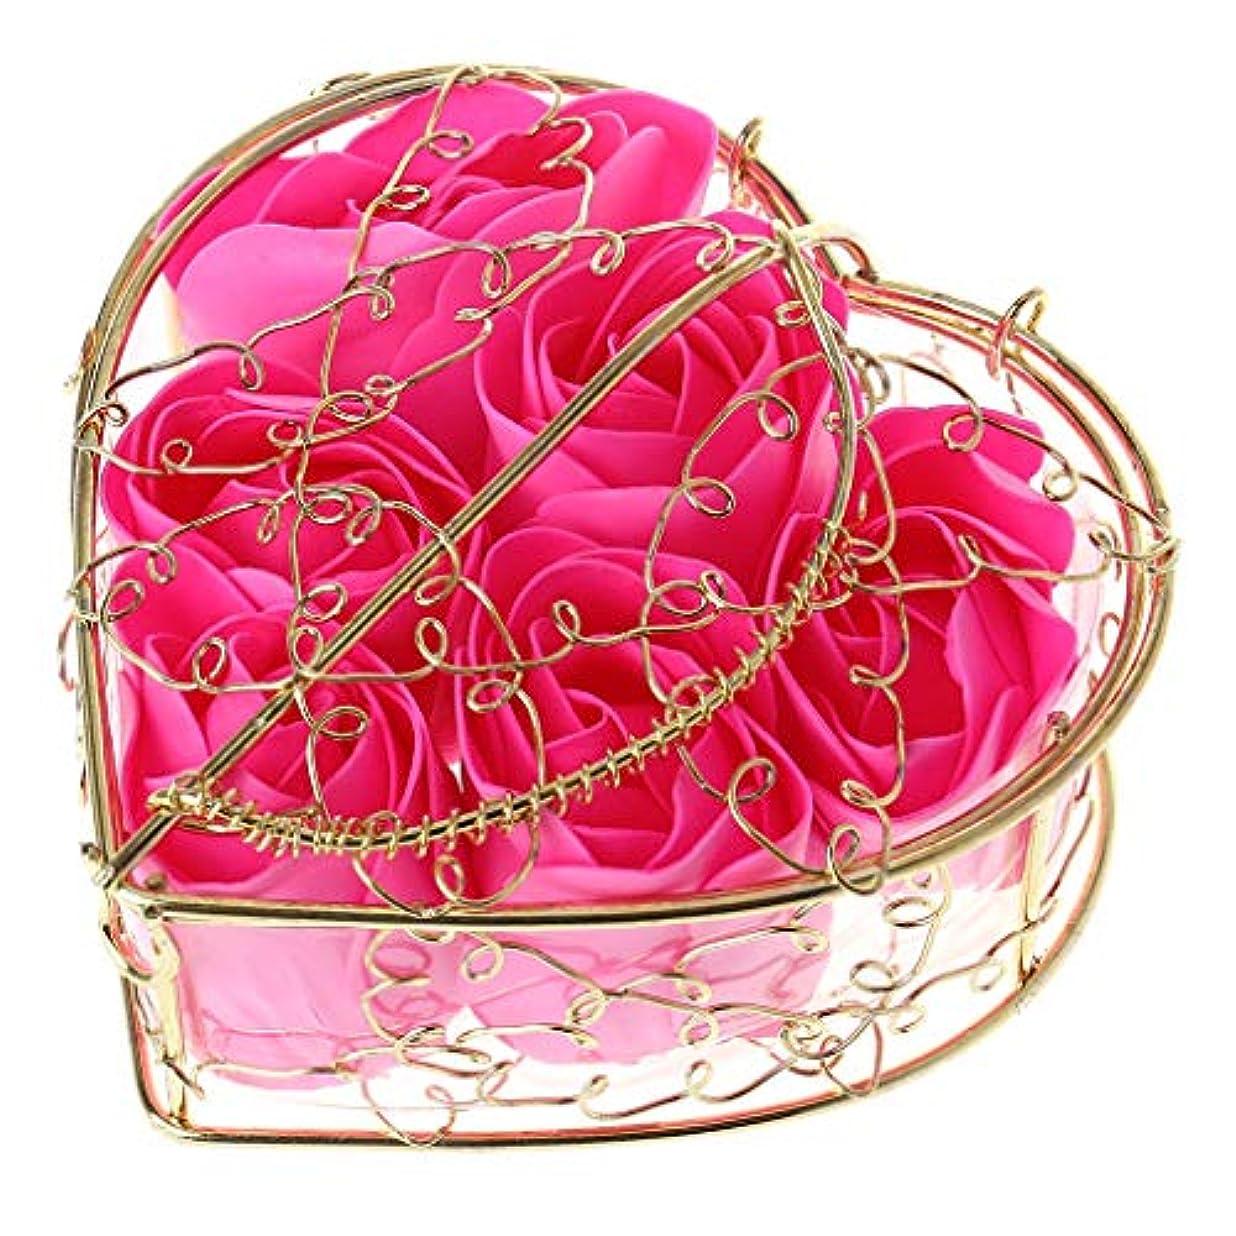 スリム姪コードレスKaman-co 6本の香りのバラの花びら、入浴ボディーソープ、ウェディングパーティーの装飾ギフト、バレンタインデーの贈り物 (HP)